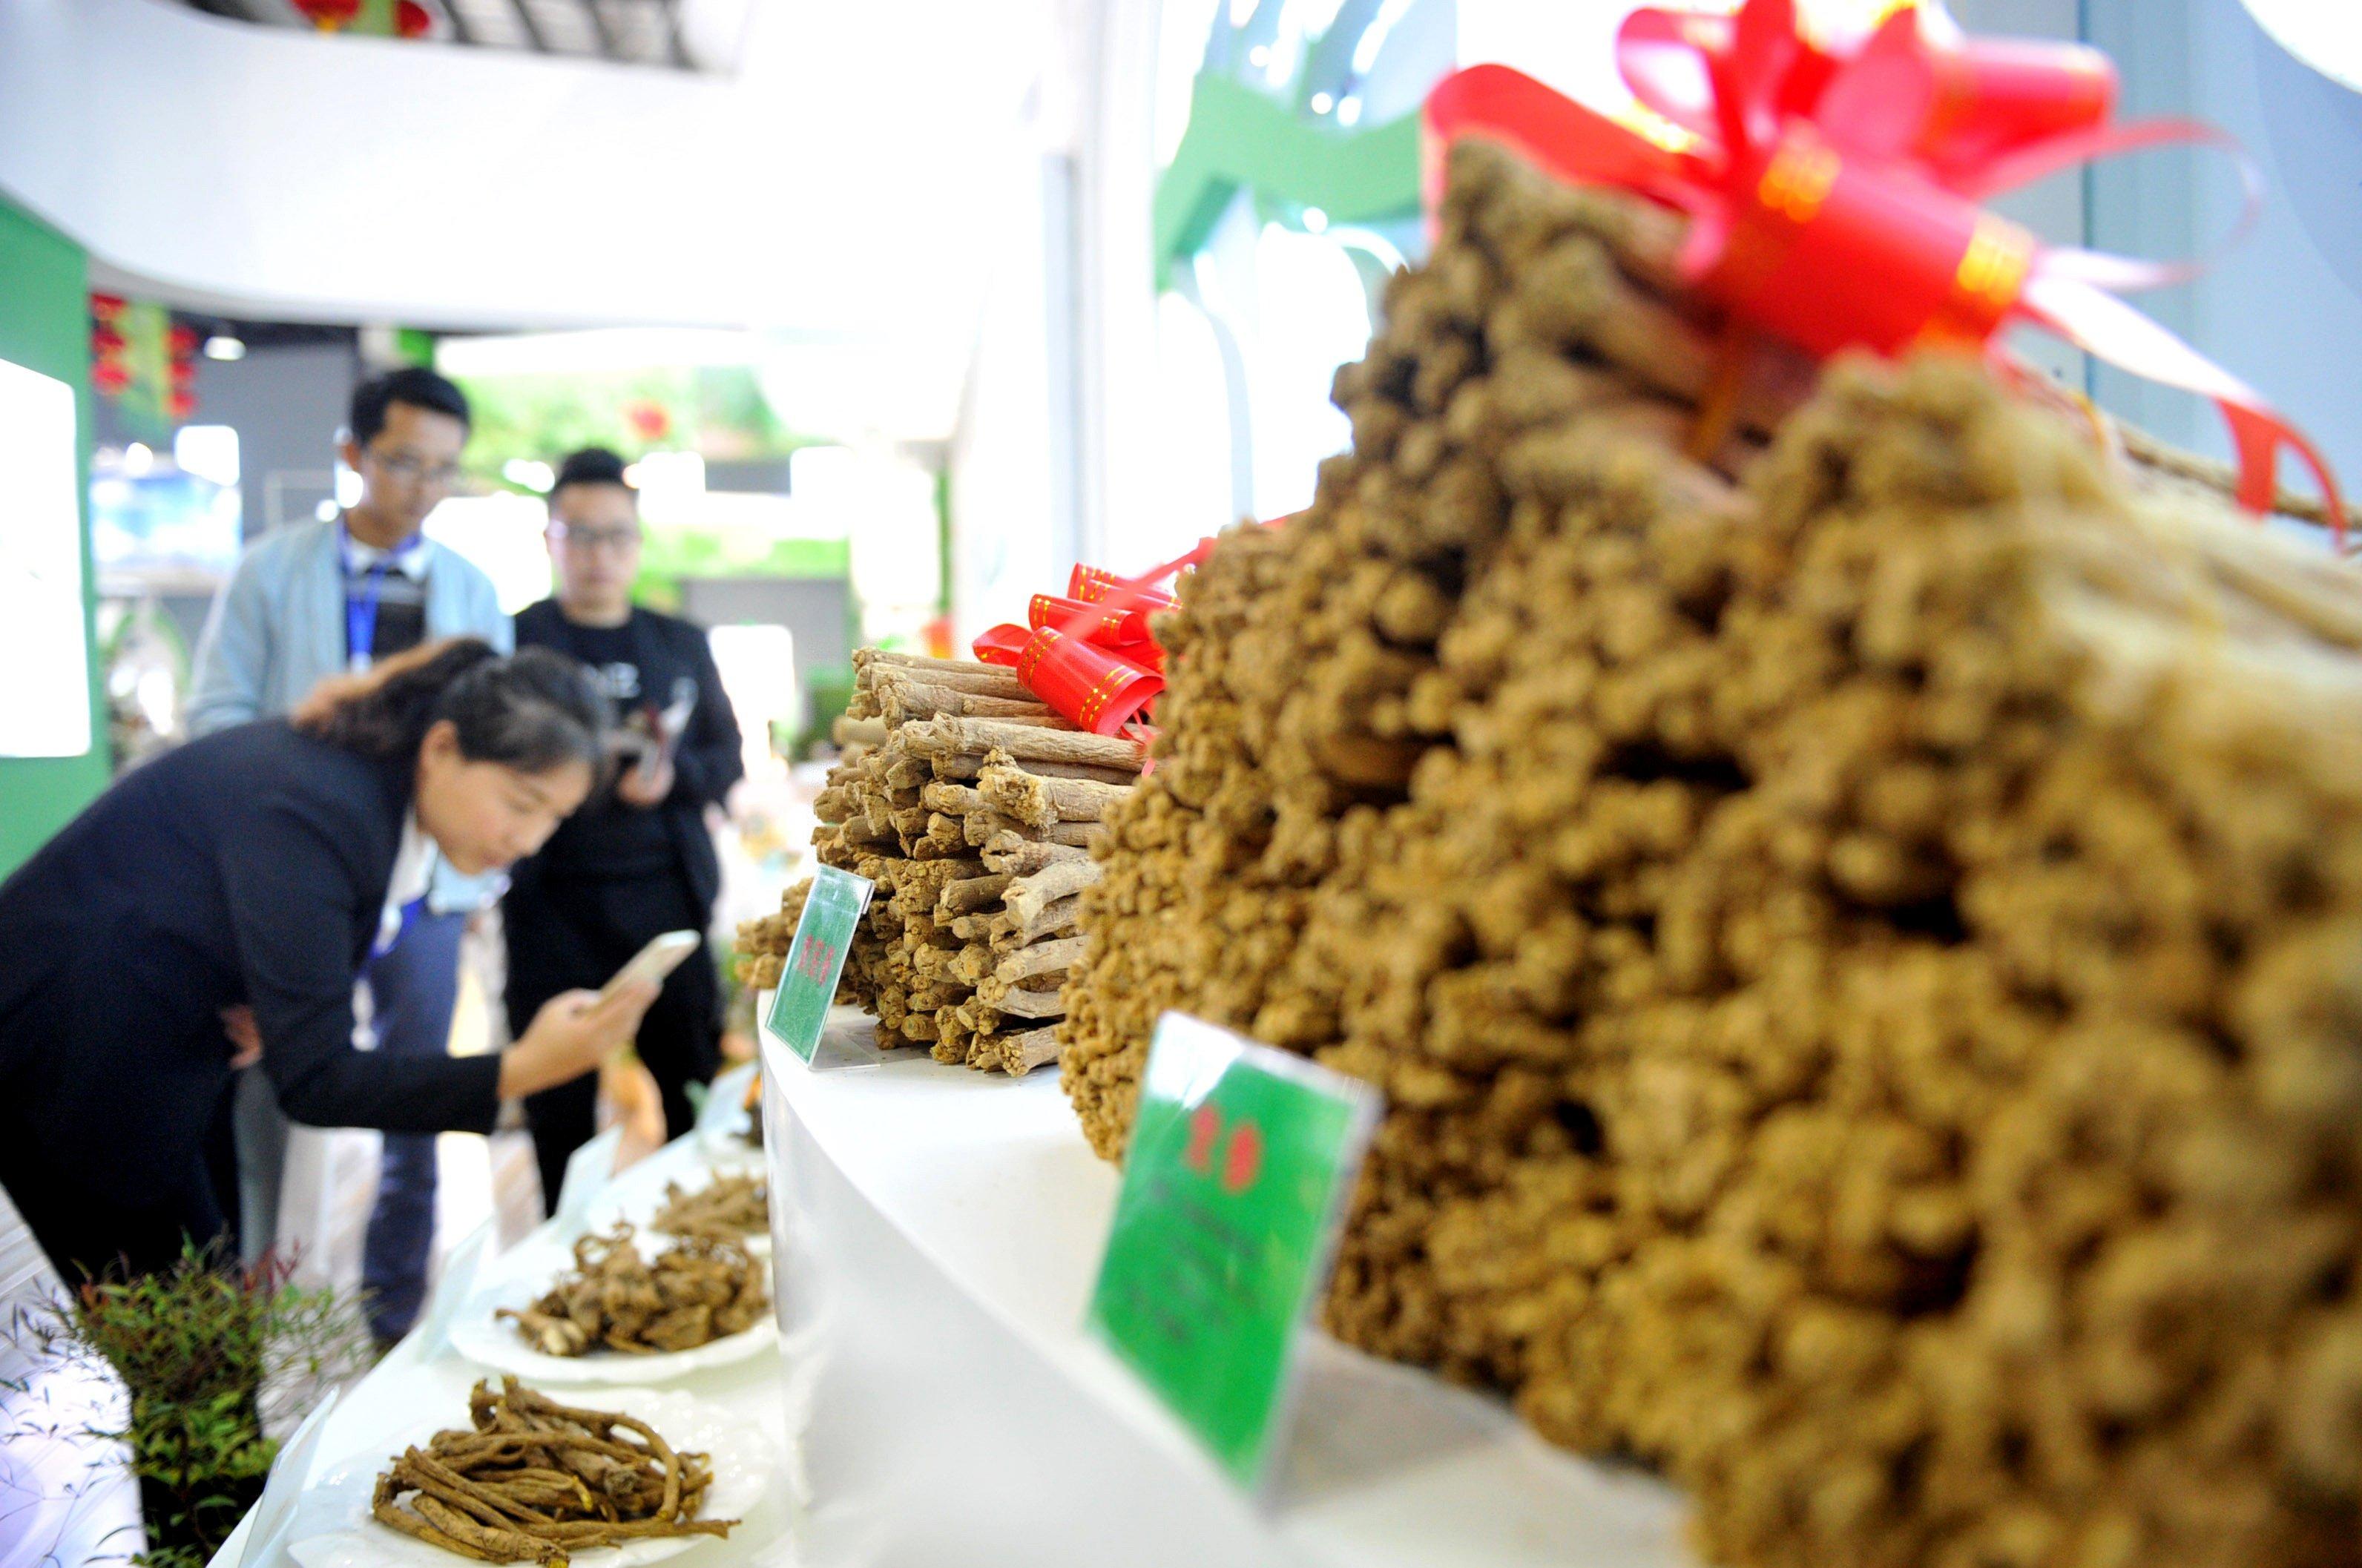 Se inaugura exposición de medicina tradicional china en noroeste de China